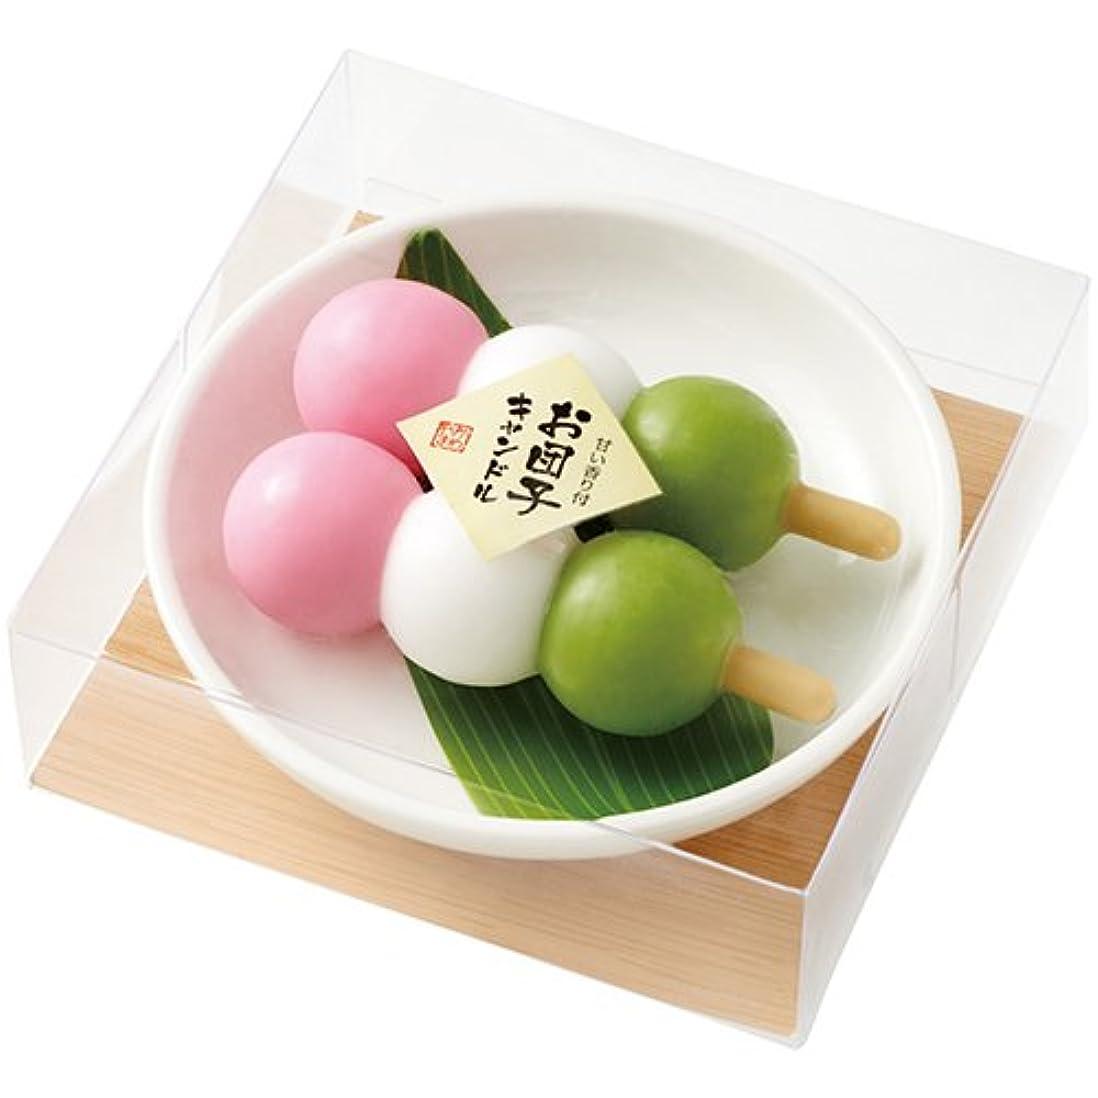 シネウィトークン汚染されたお団子キャンドル(ササ)